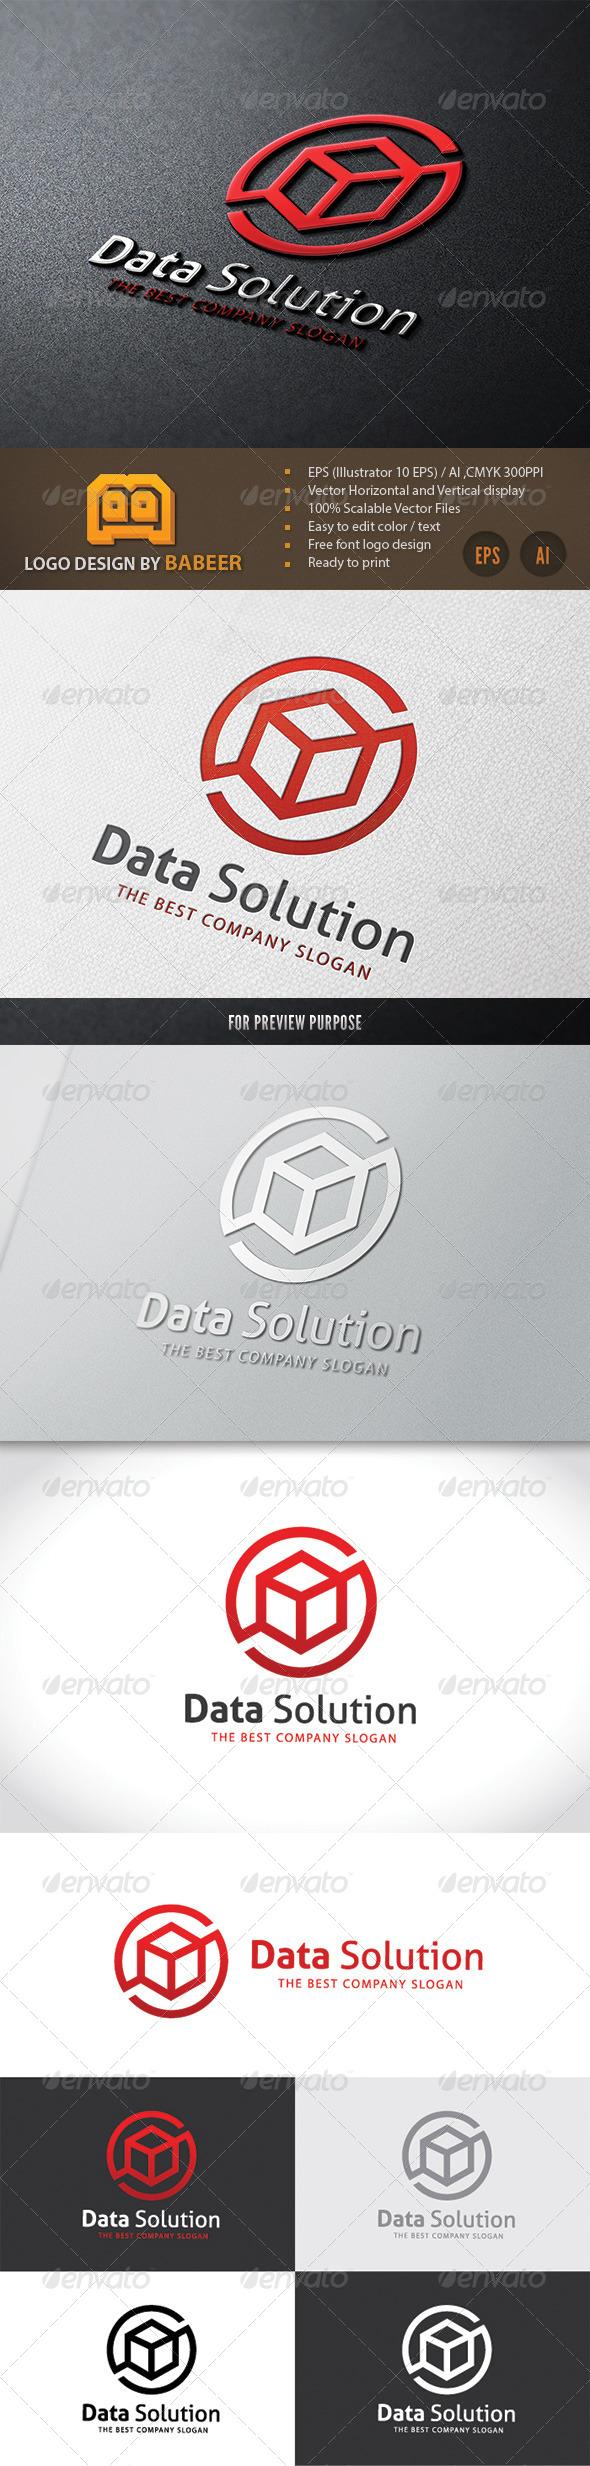 GraphicRiver Data Solution 7796970